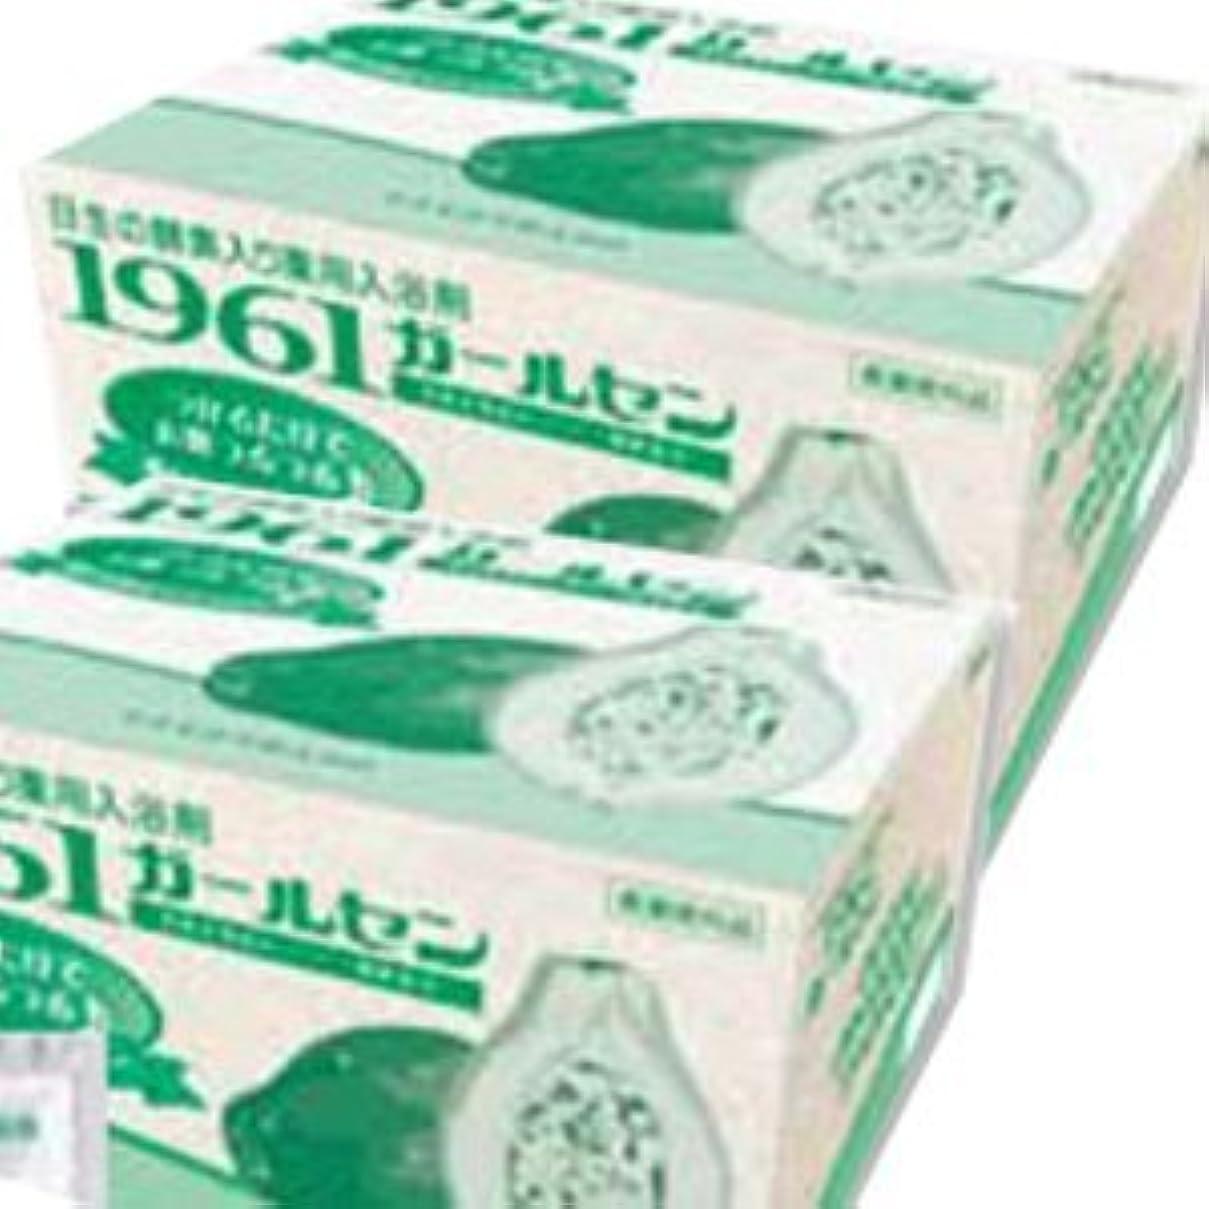 ベアリングサークル不利考える日本生化学 薬用入浴剤 1961ガールセン (20g×60包)×2箱 (医薬部外品)